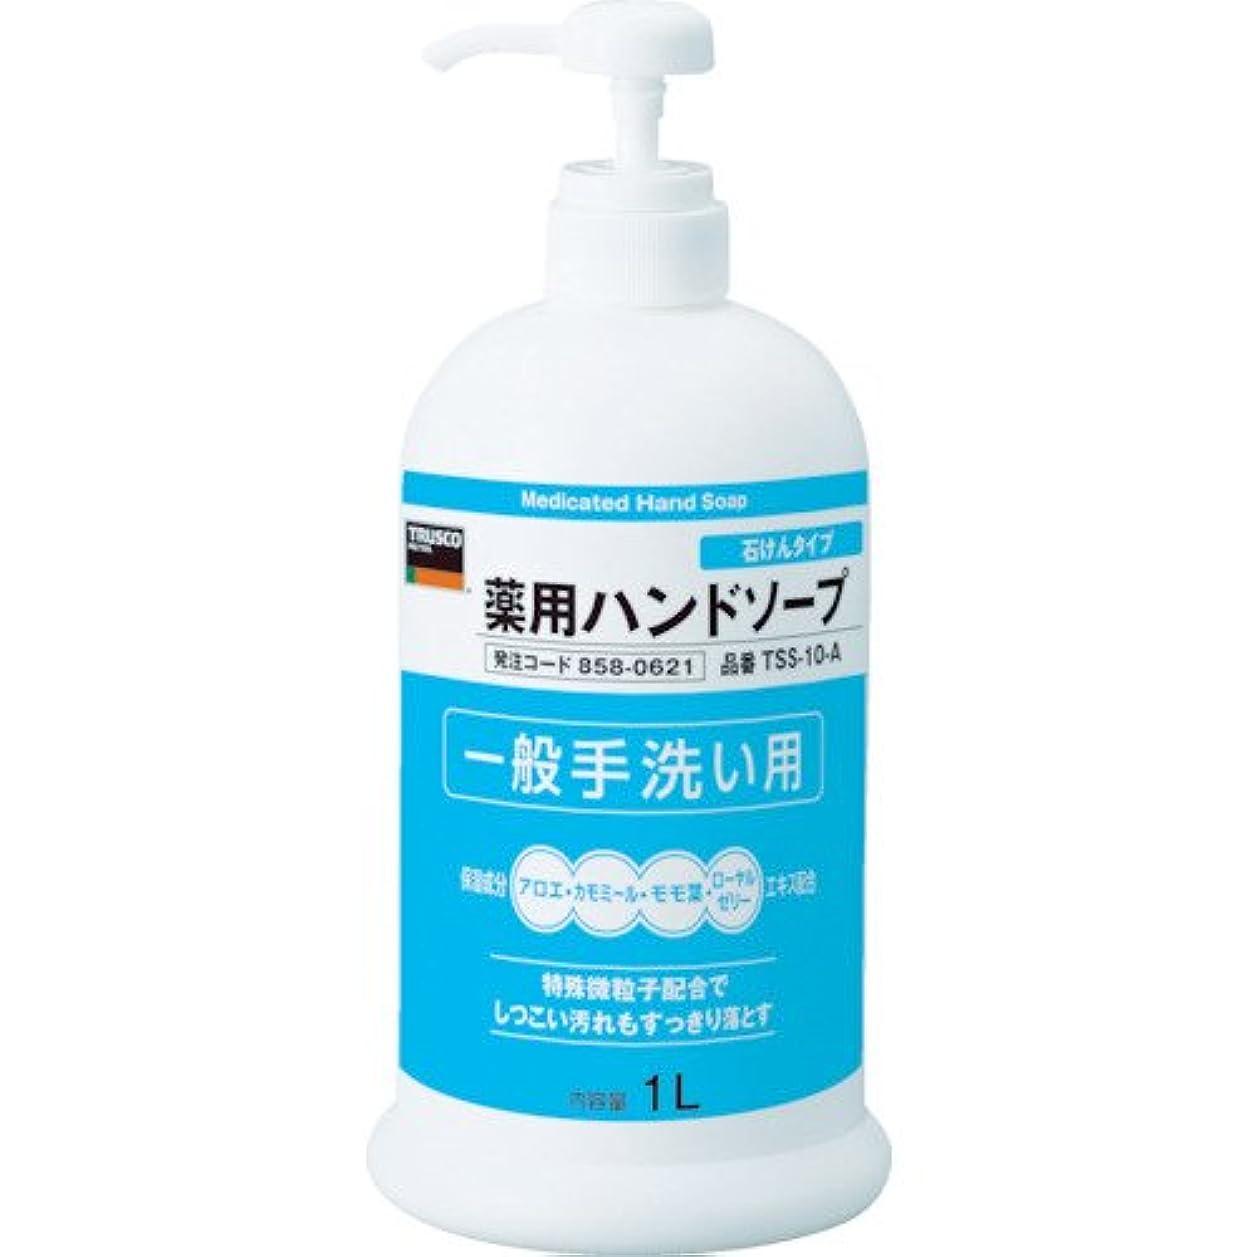 トラスコ中山 株 TRUSCO 薬用ハンドソープ 石けんタイプ ポンプボトル 1.0L TSS-10-A